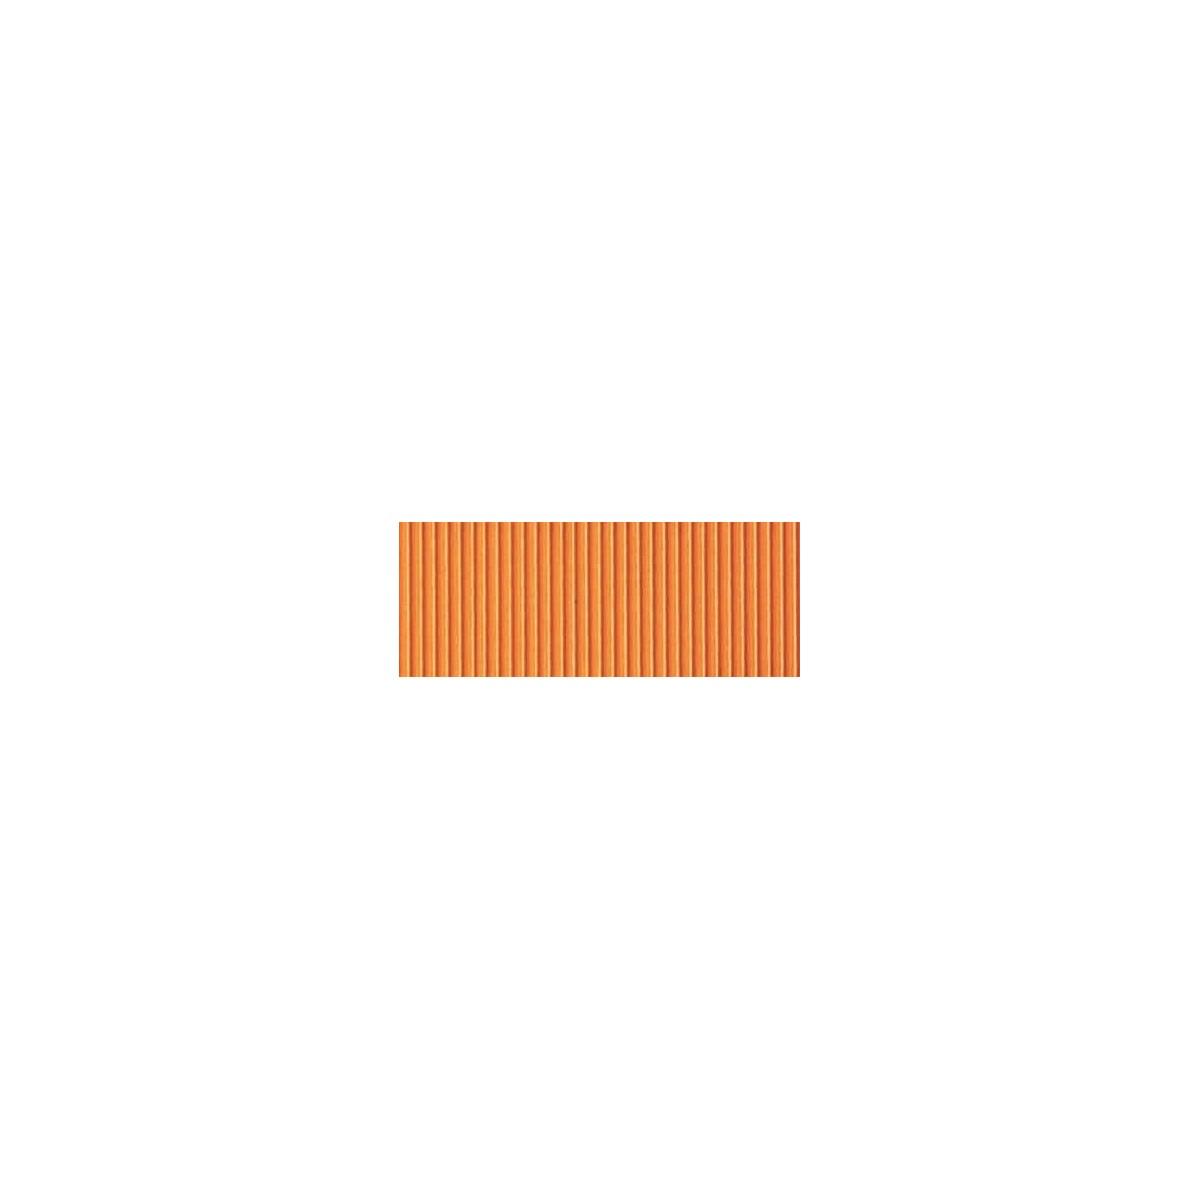 Foglio Cartoncino Onda Colorato Cm.70x50 Arancio